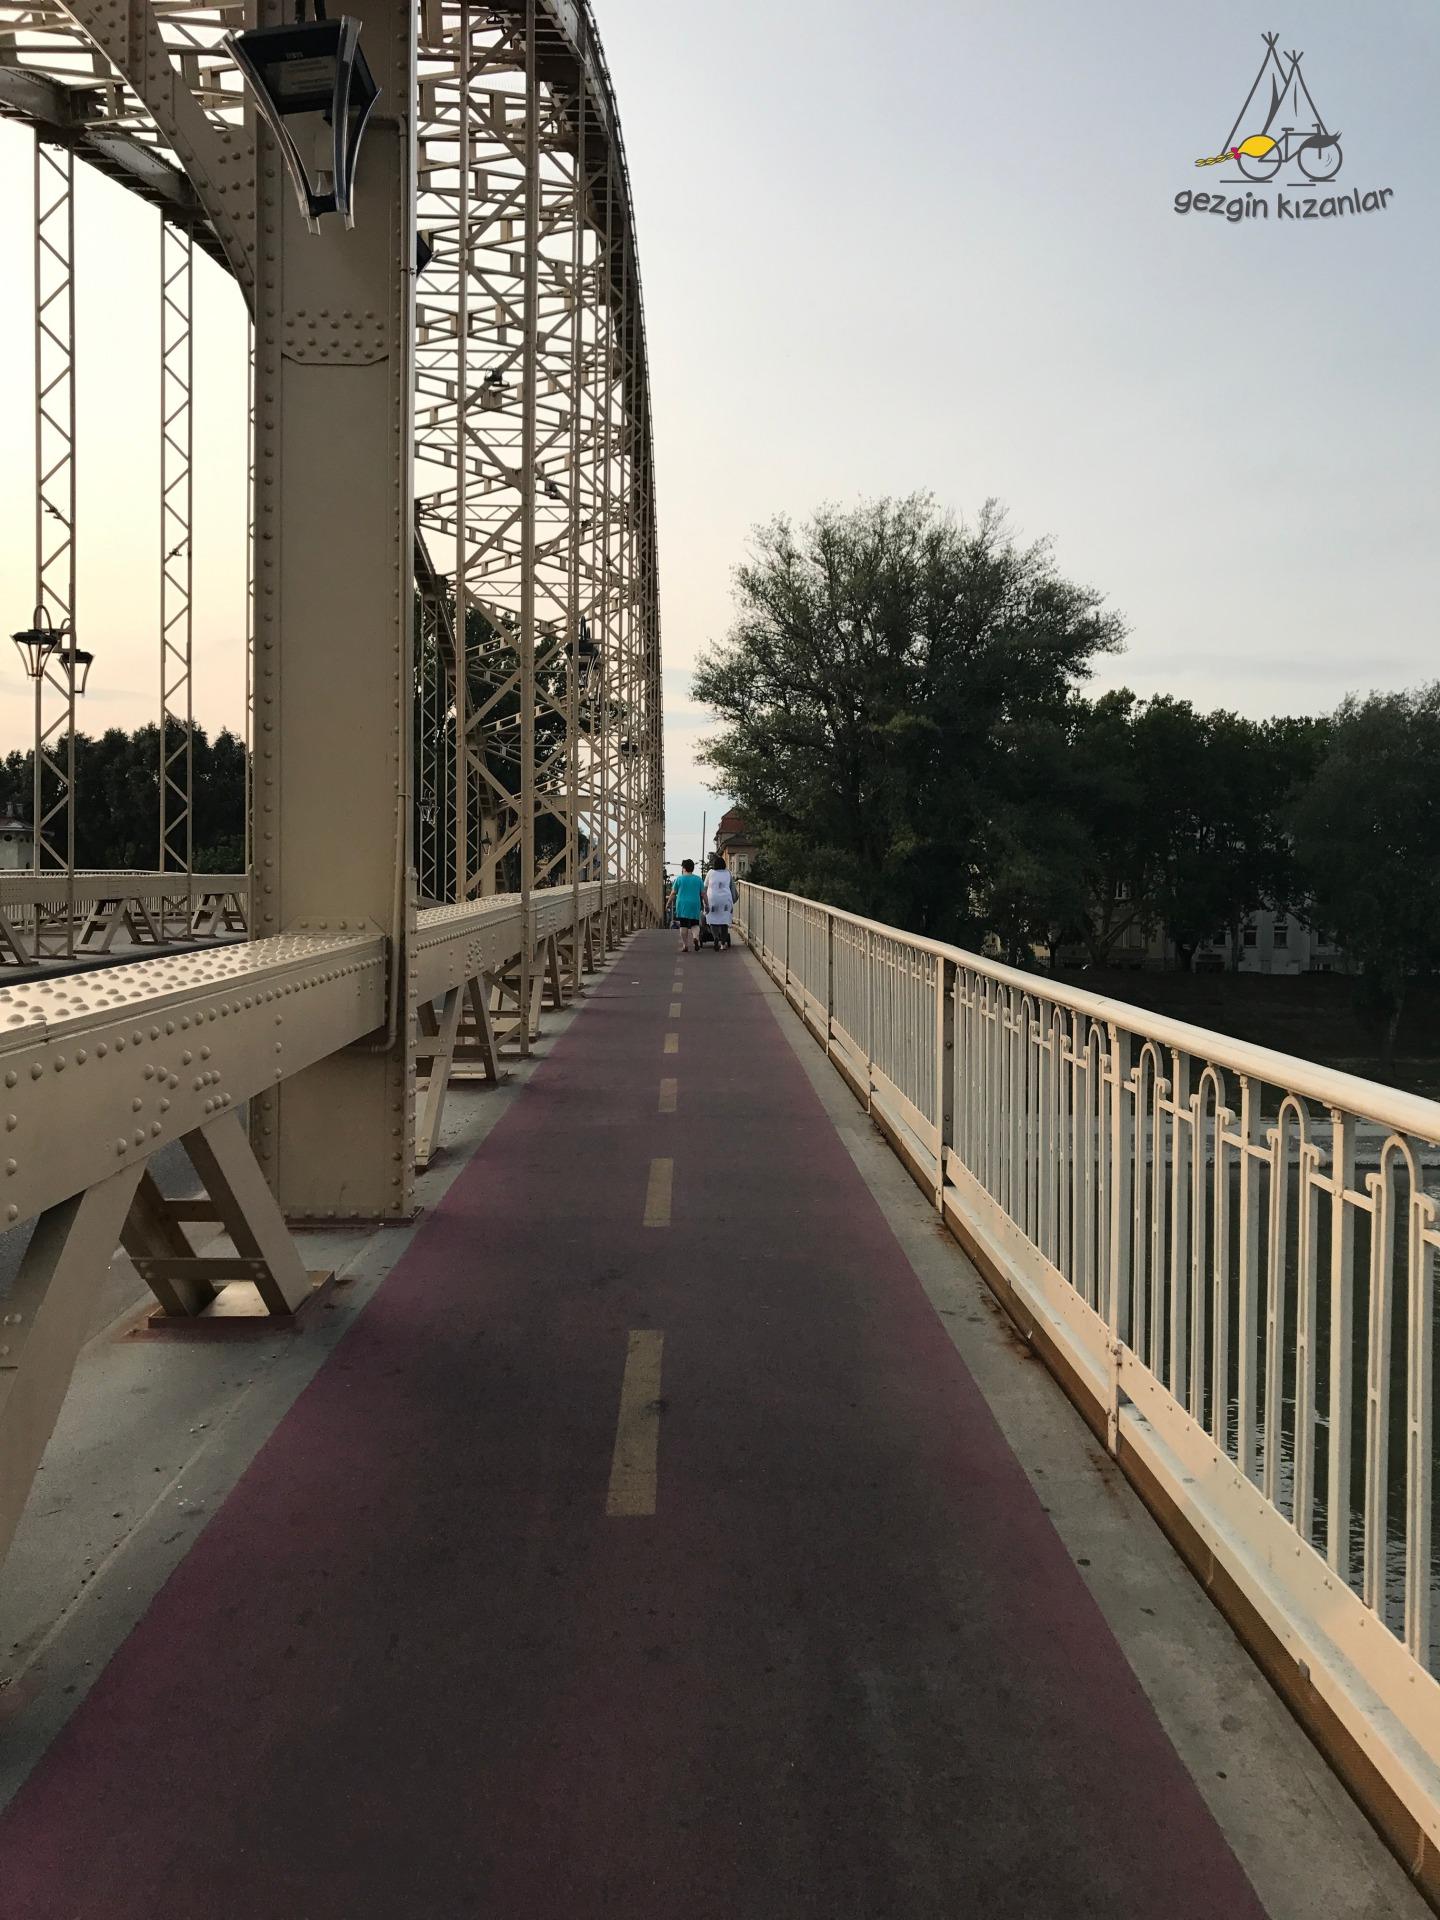 Györ Köprüsü